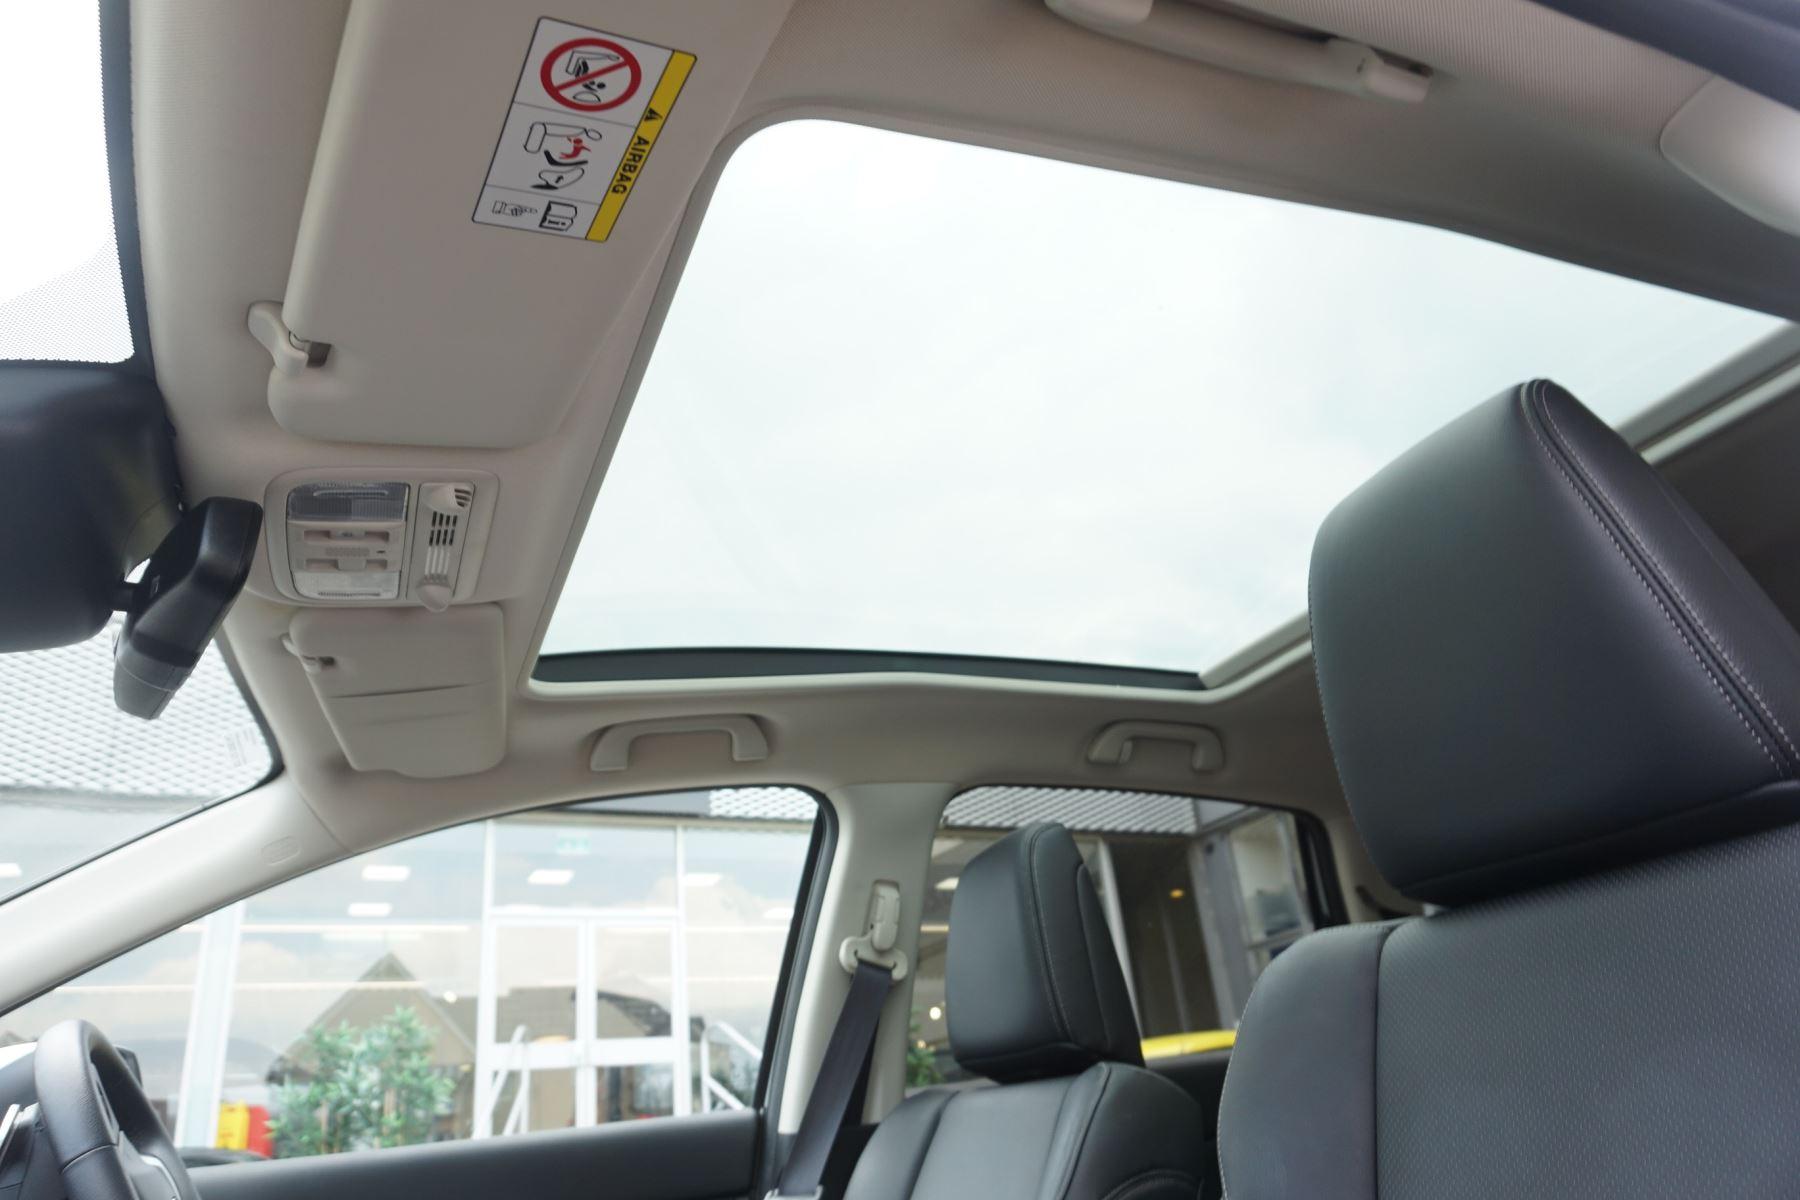 Honda CR-V 2.0 i-VTEC EX 5dr image 9